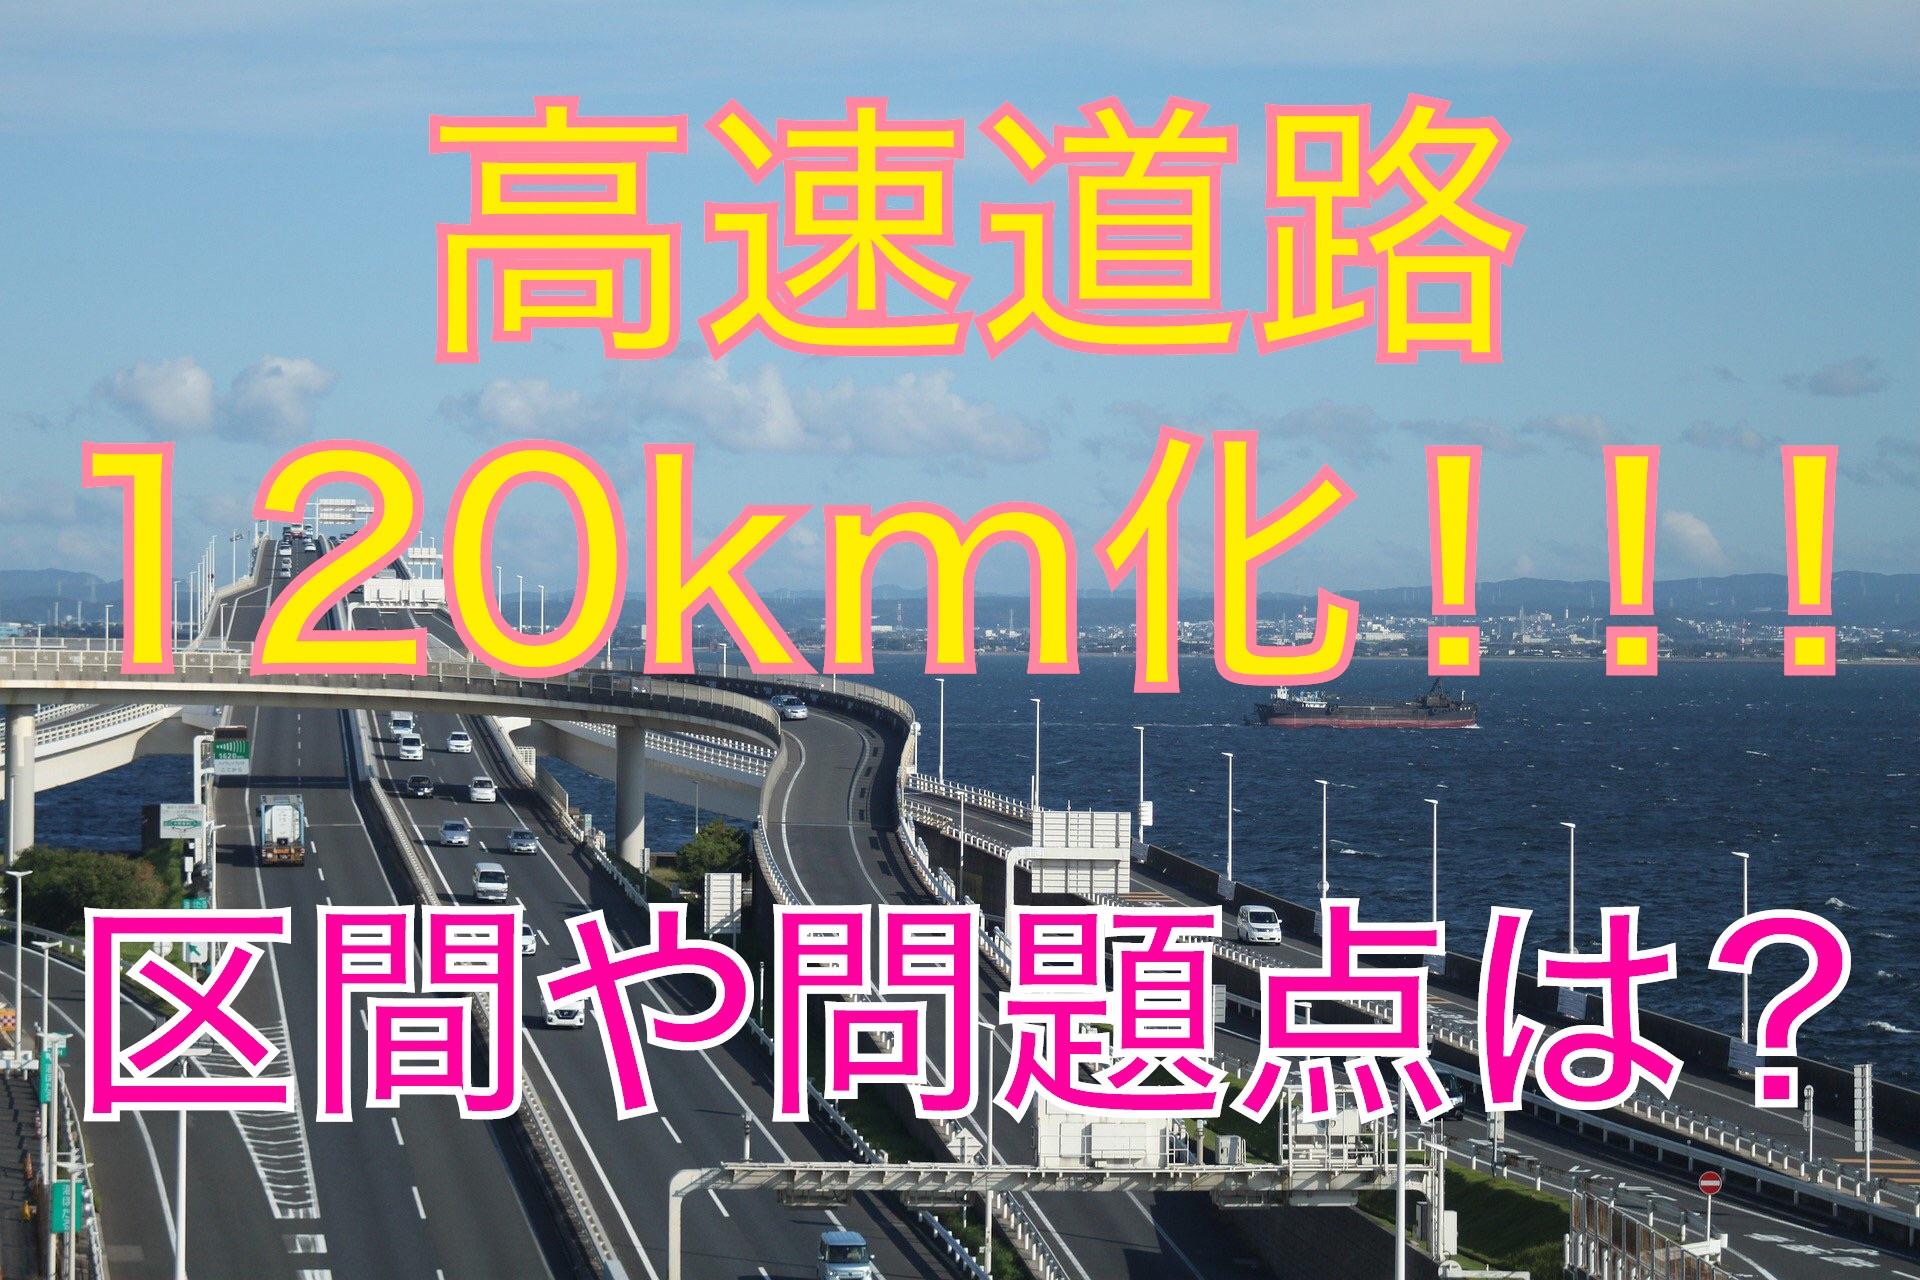 高速道路、制限速度、120キロ化、対象区間